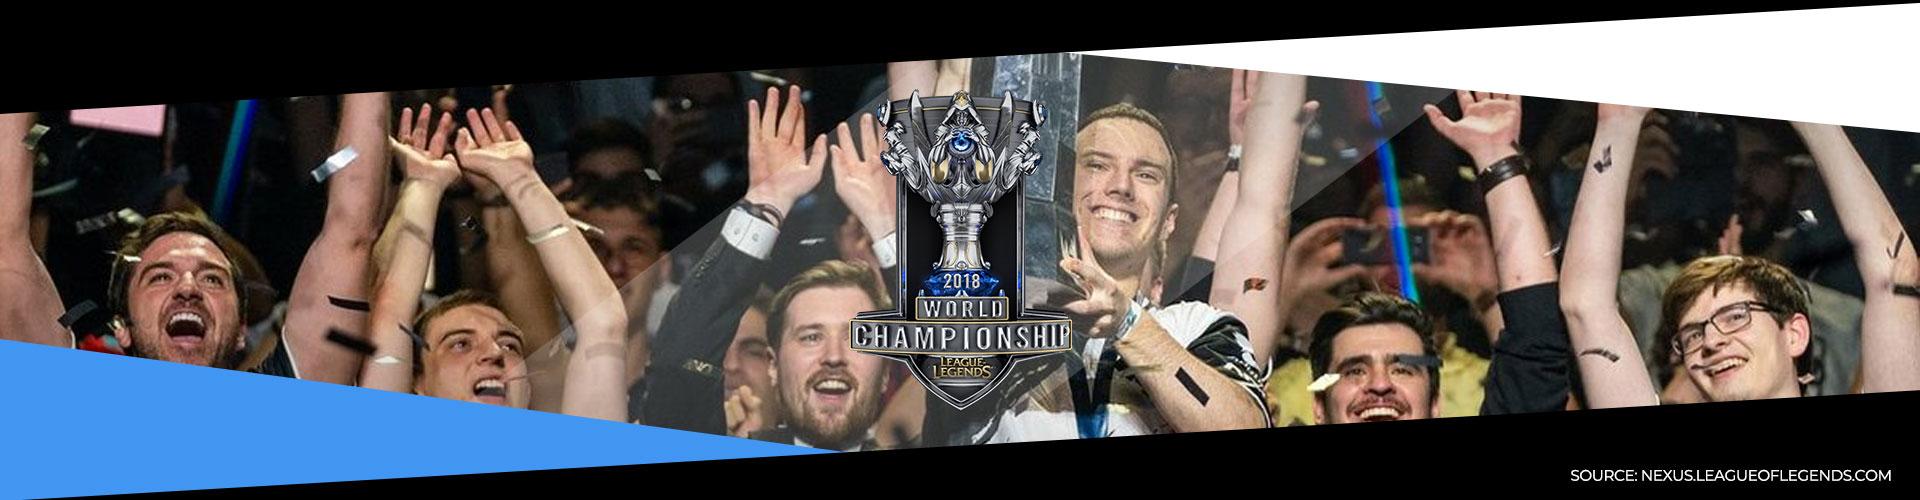 Eventsida för världsmästerskapet i League of Legens, kallat Worlds.